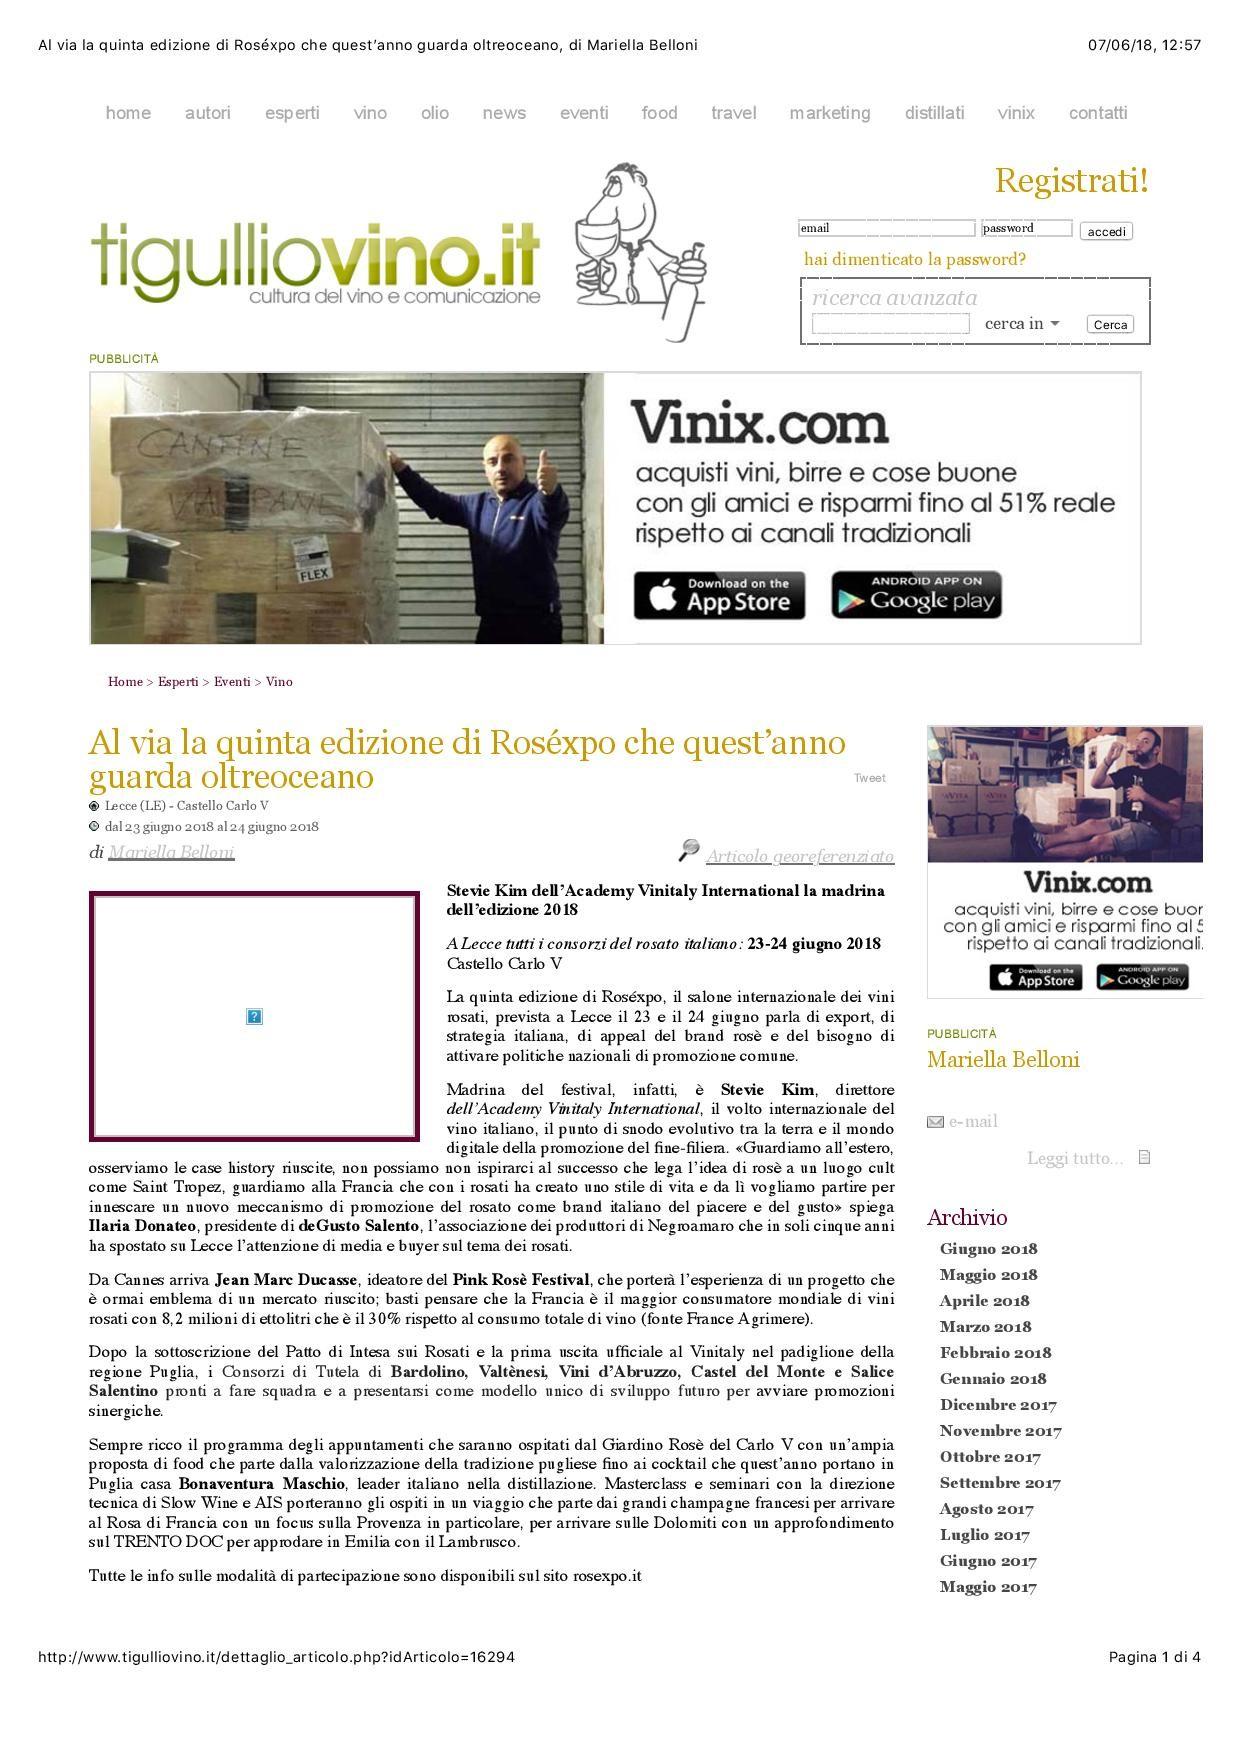 Calendario Annuale 2019 Con Festività Más Arriba-a-fecha Rassegna Stampa Of Calendario Annuale 2019 Con Festività Más Caliente Home Page